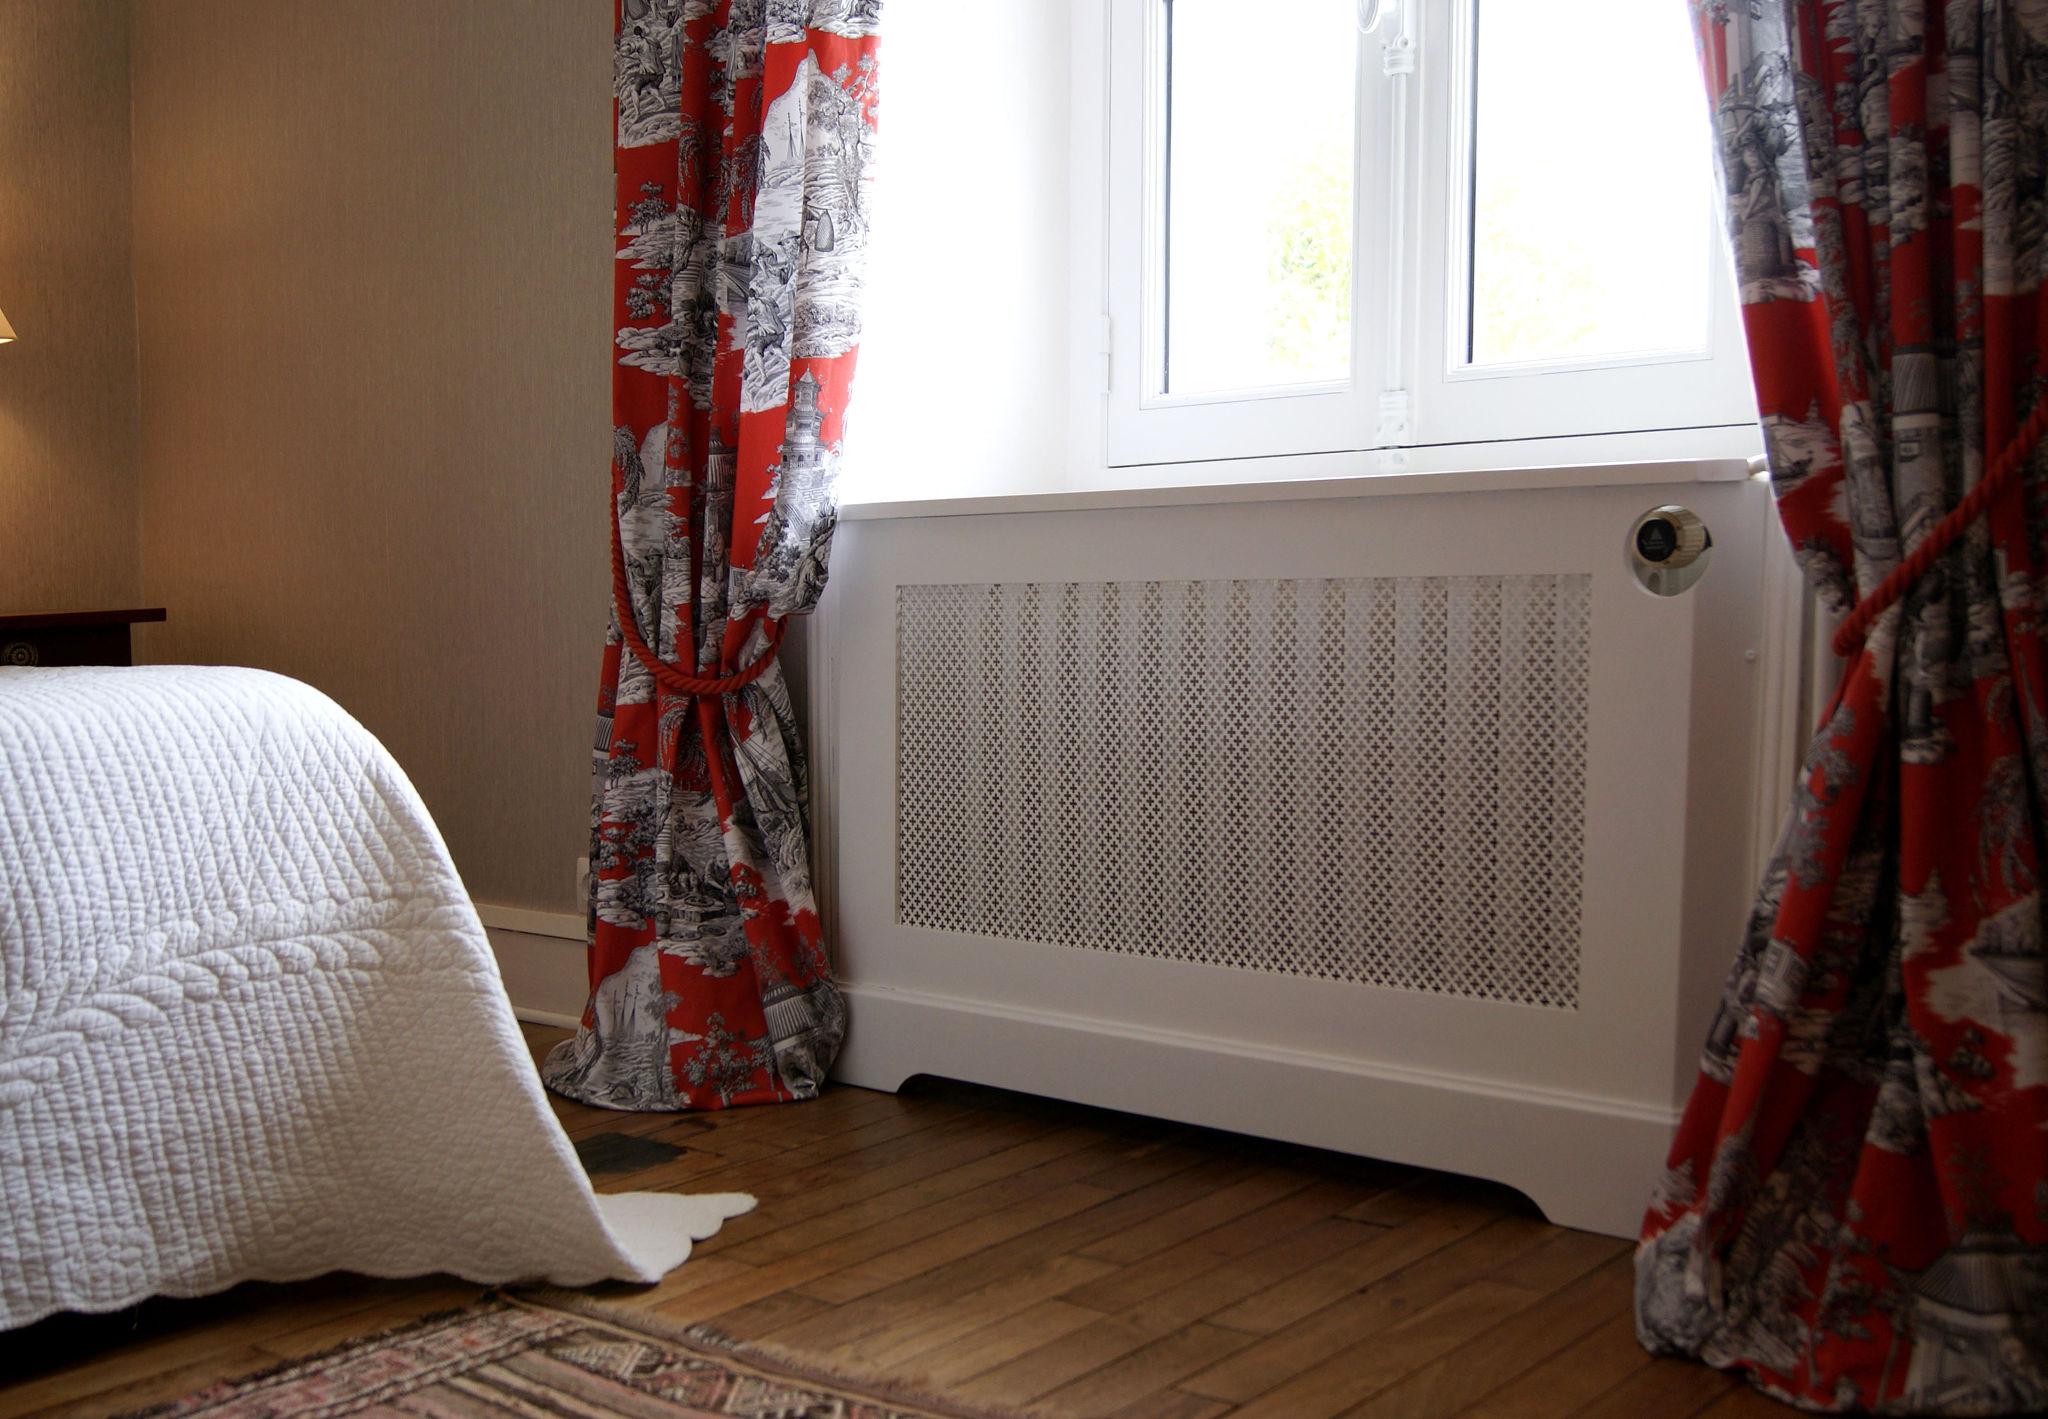 radiateur sur mesure interesting radiateur dcoratif sumela with radiateur sur mesure excellent. Black Bedroom Furniture Sets. Home Design Ideas